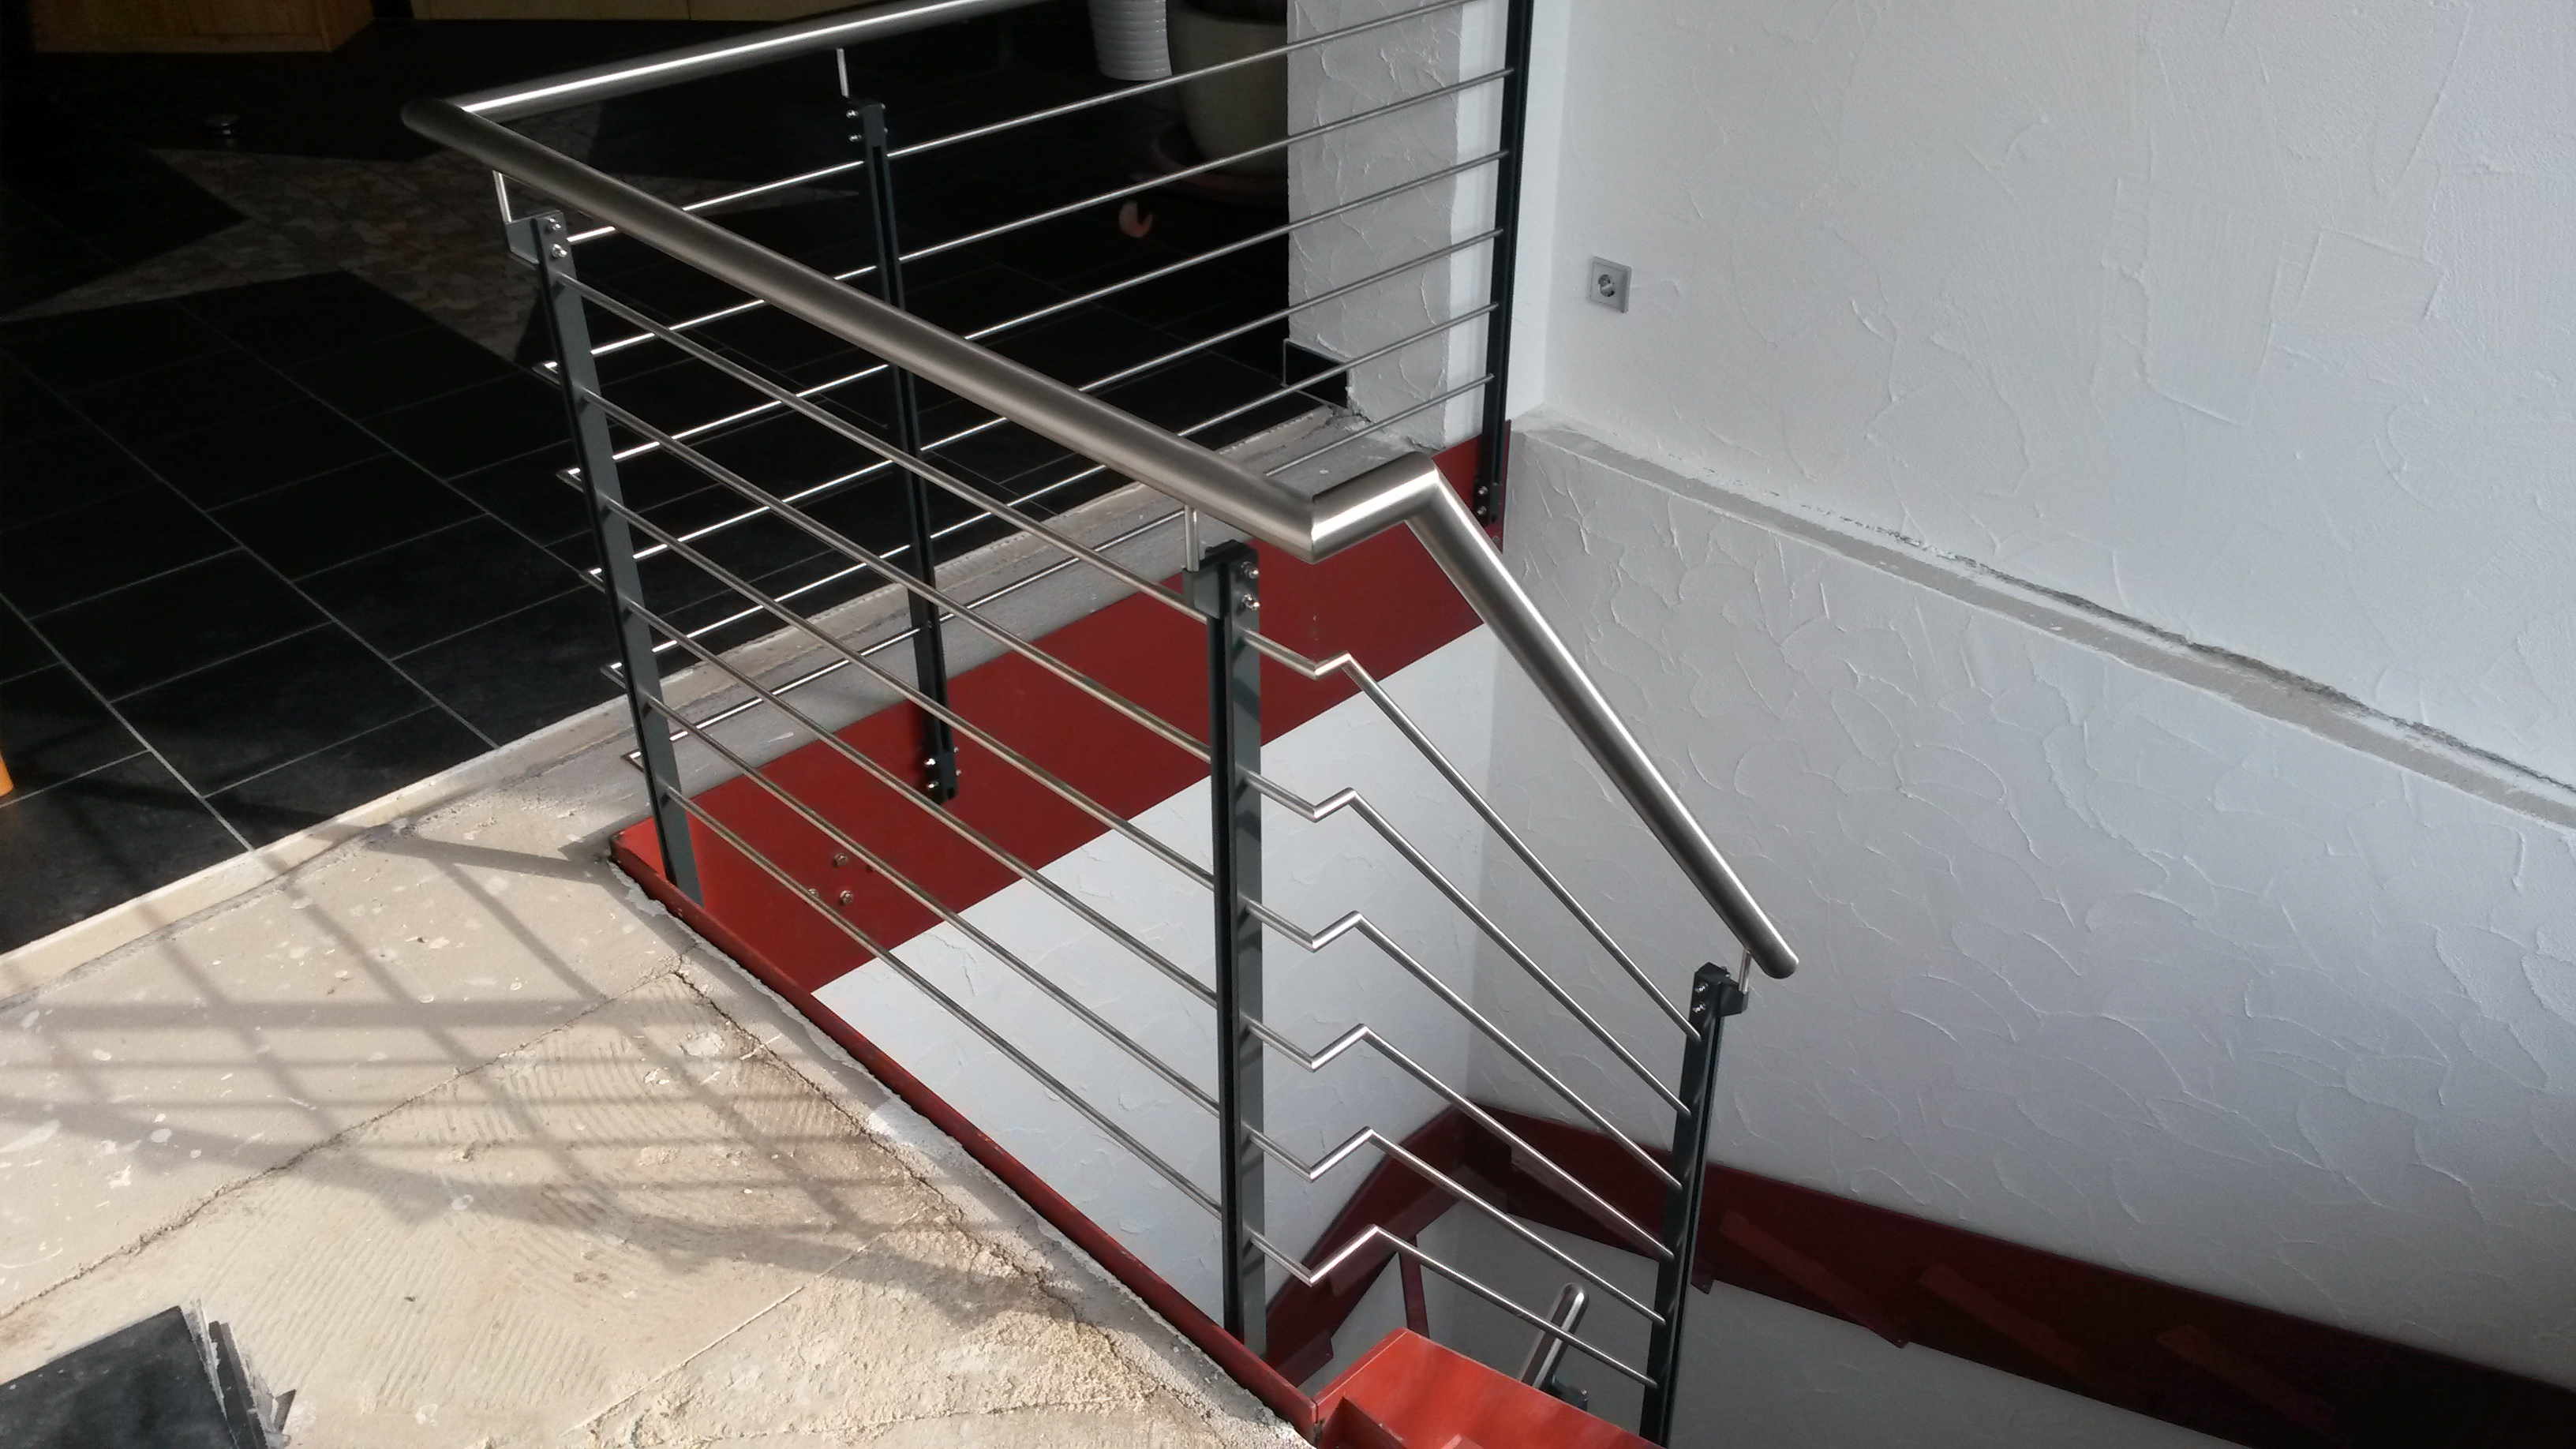 Treppengeländer »TG172915« von Metallbau Becker & Vogt